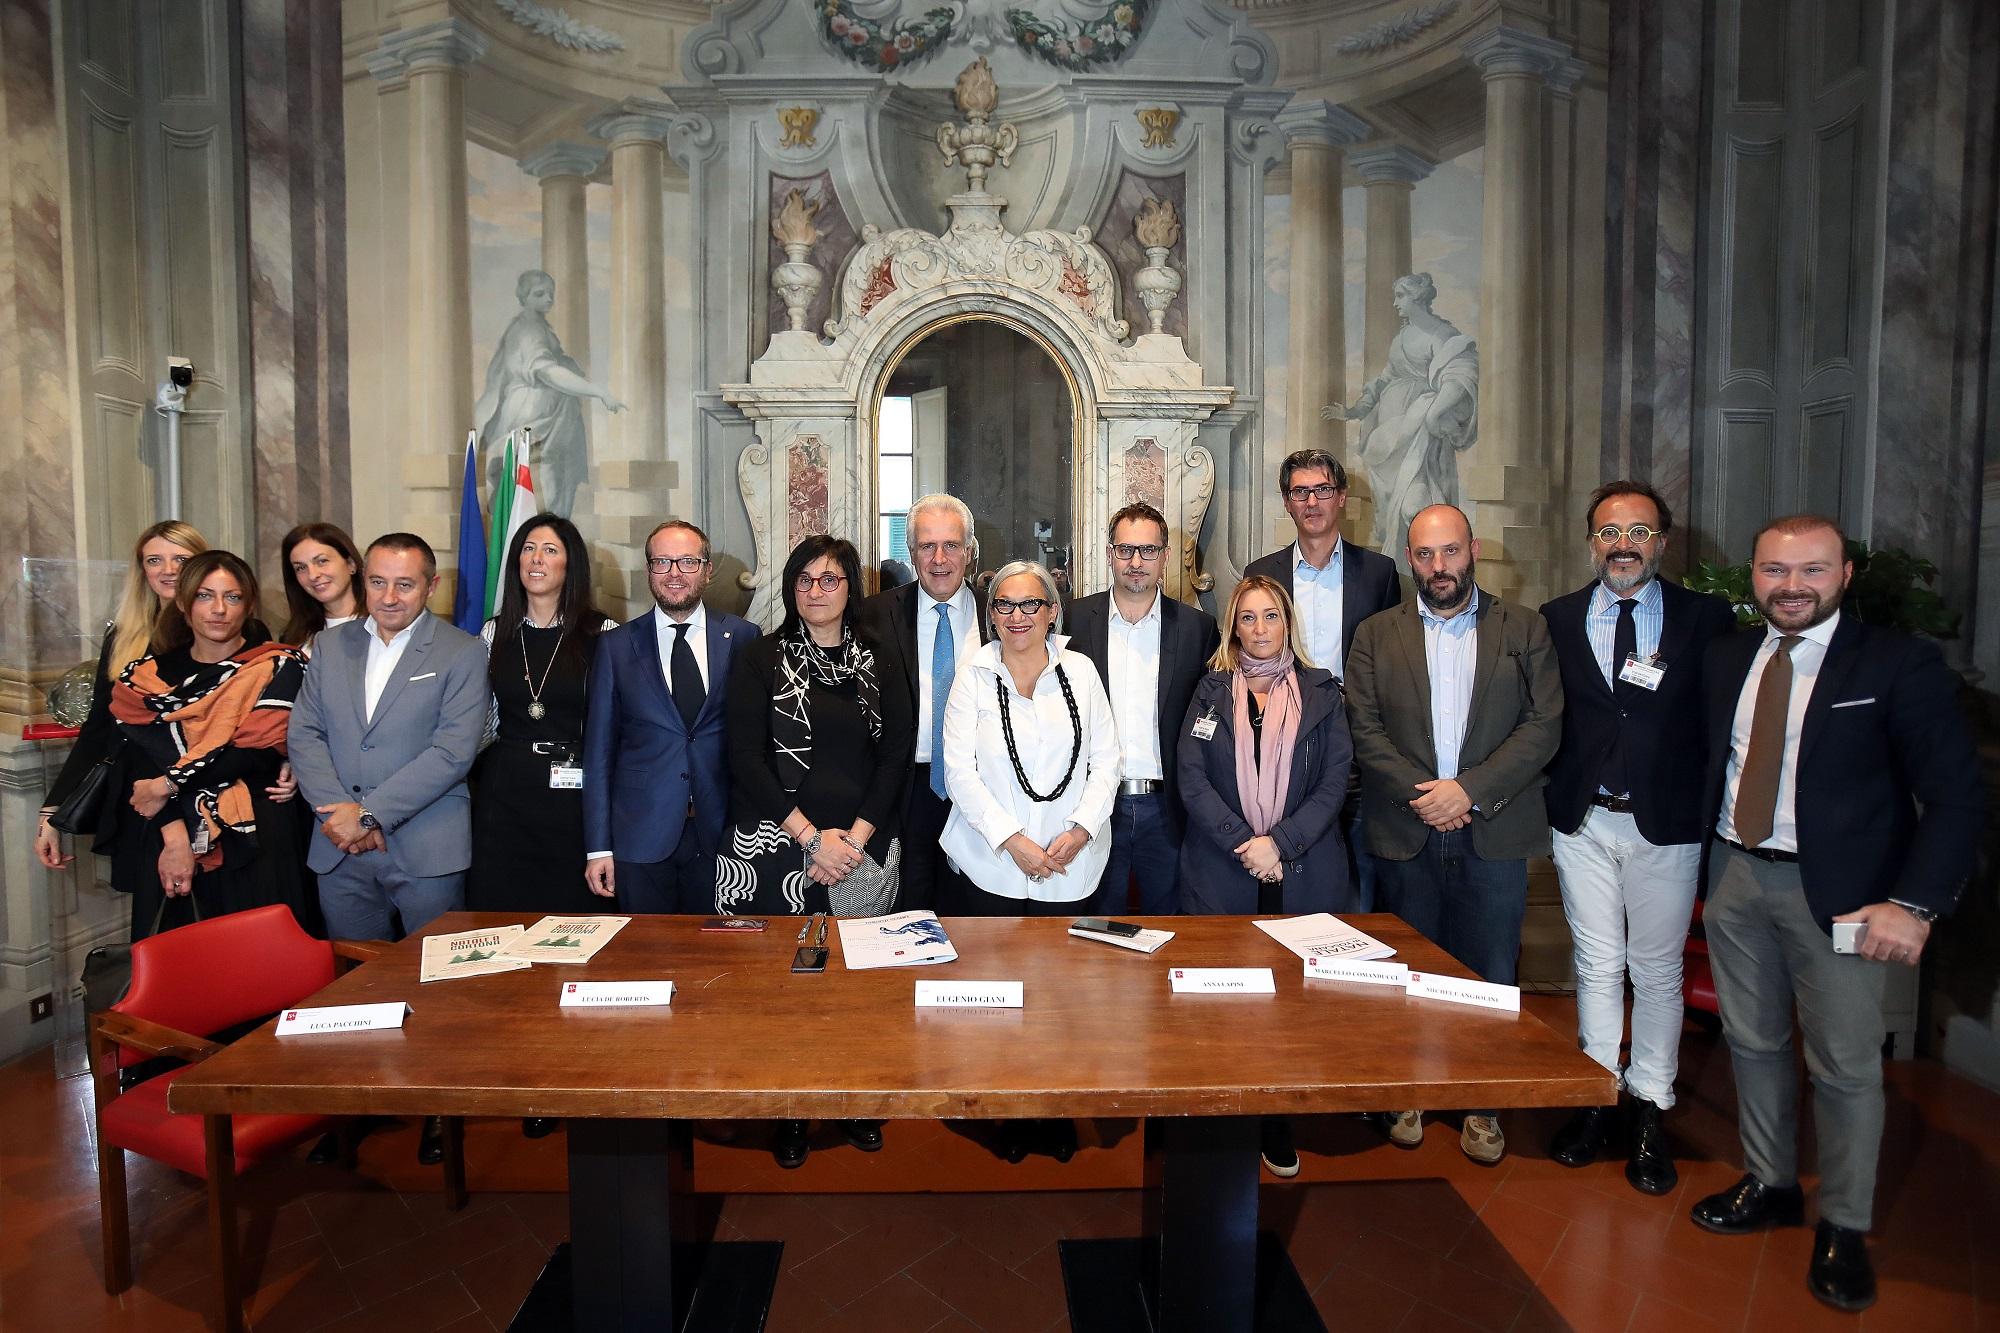 Arezzo, Cortona e Montepulciano: nasce il